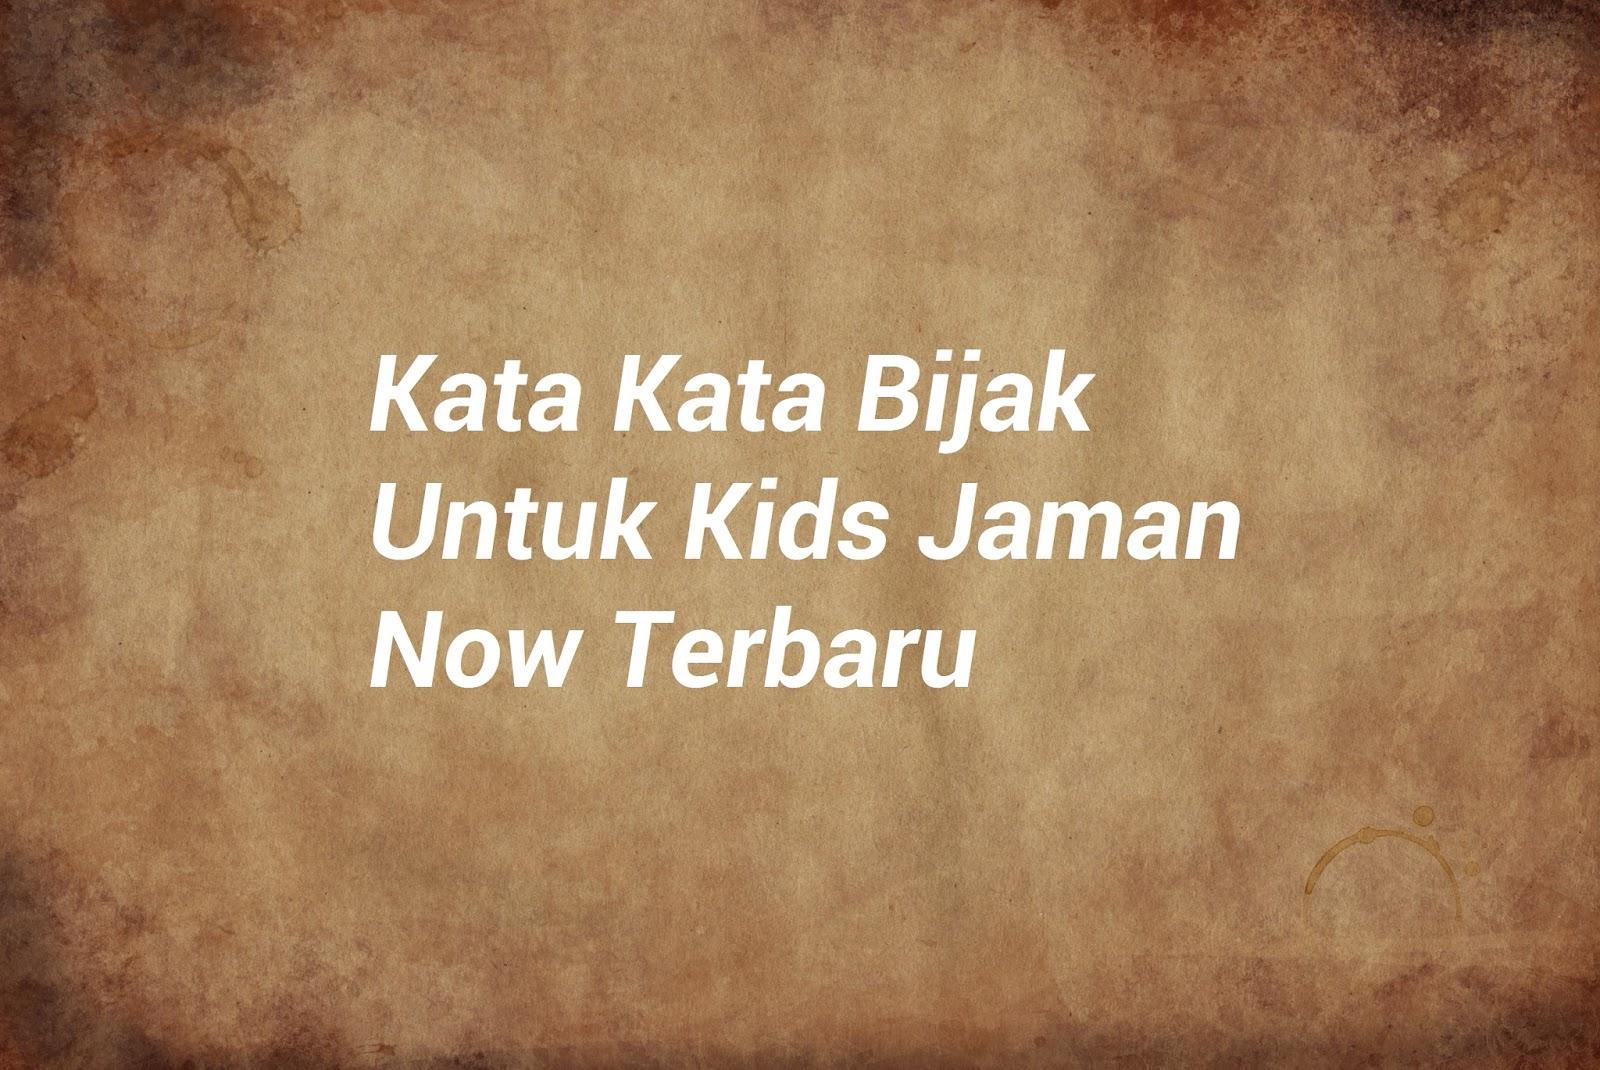 Kata Kata Kids Jaman Now - Katapos